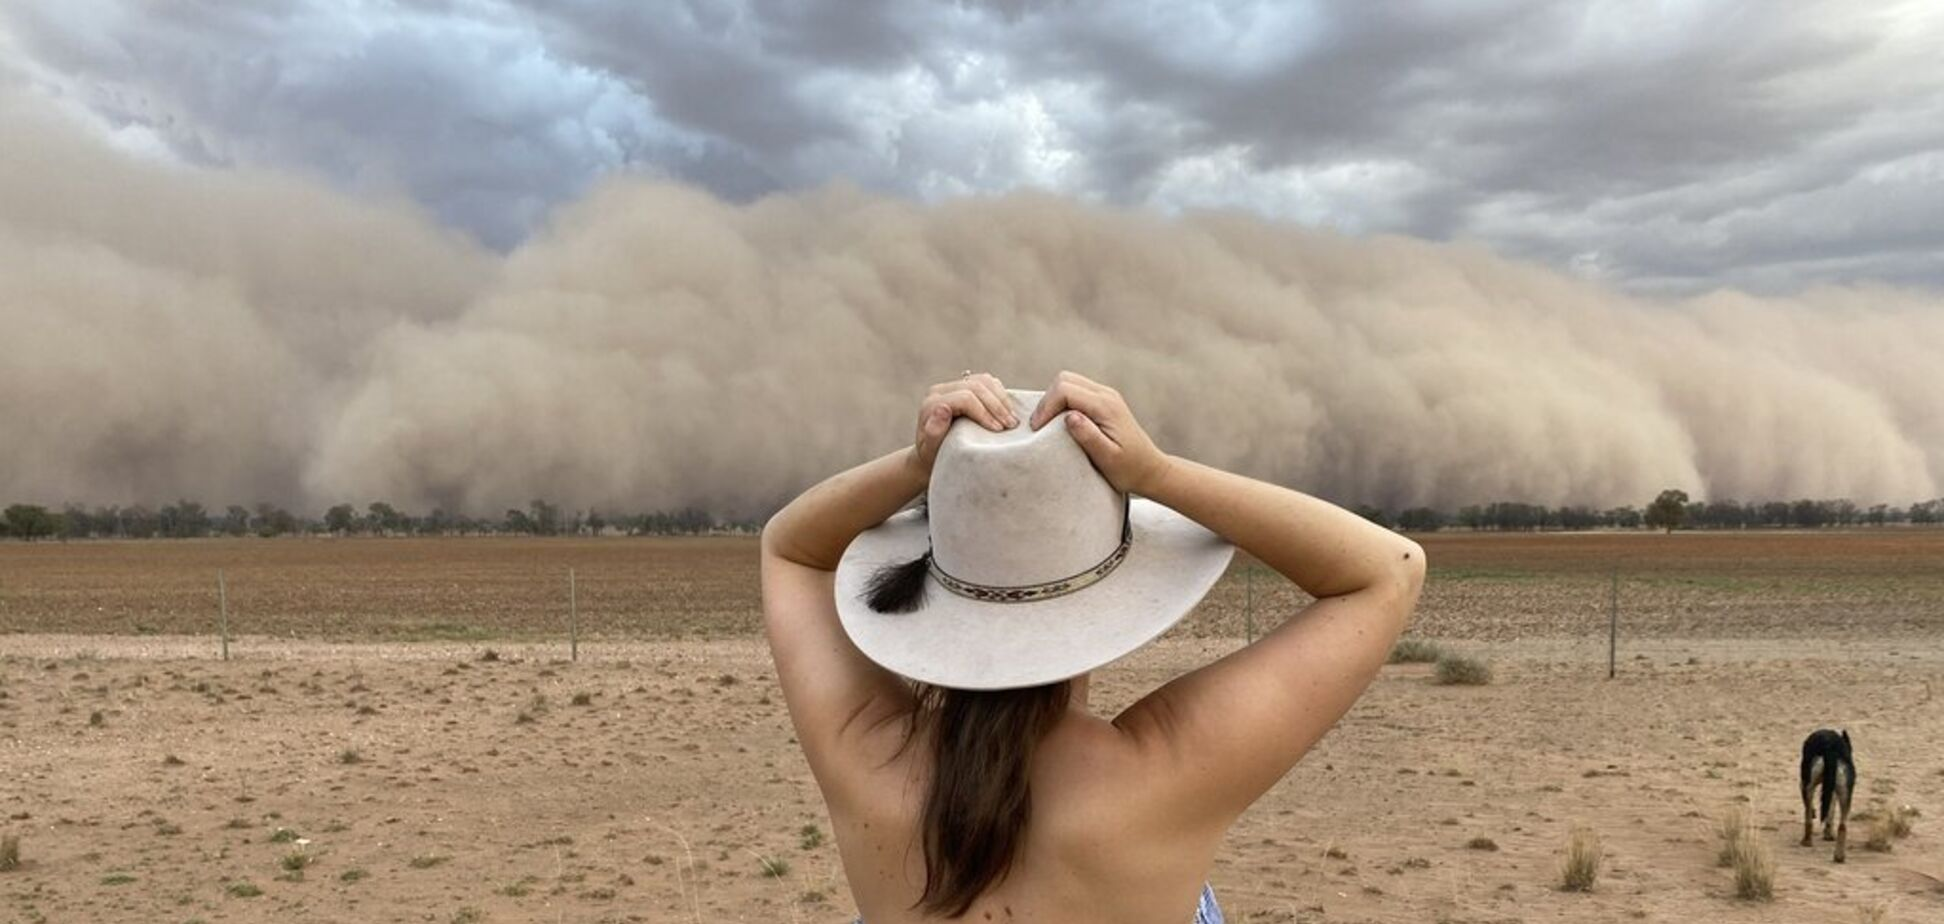 'День перетворився на ніч': Австралію накрила потужна пилова буря. Фото й відео